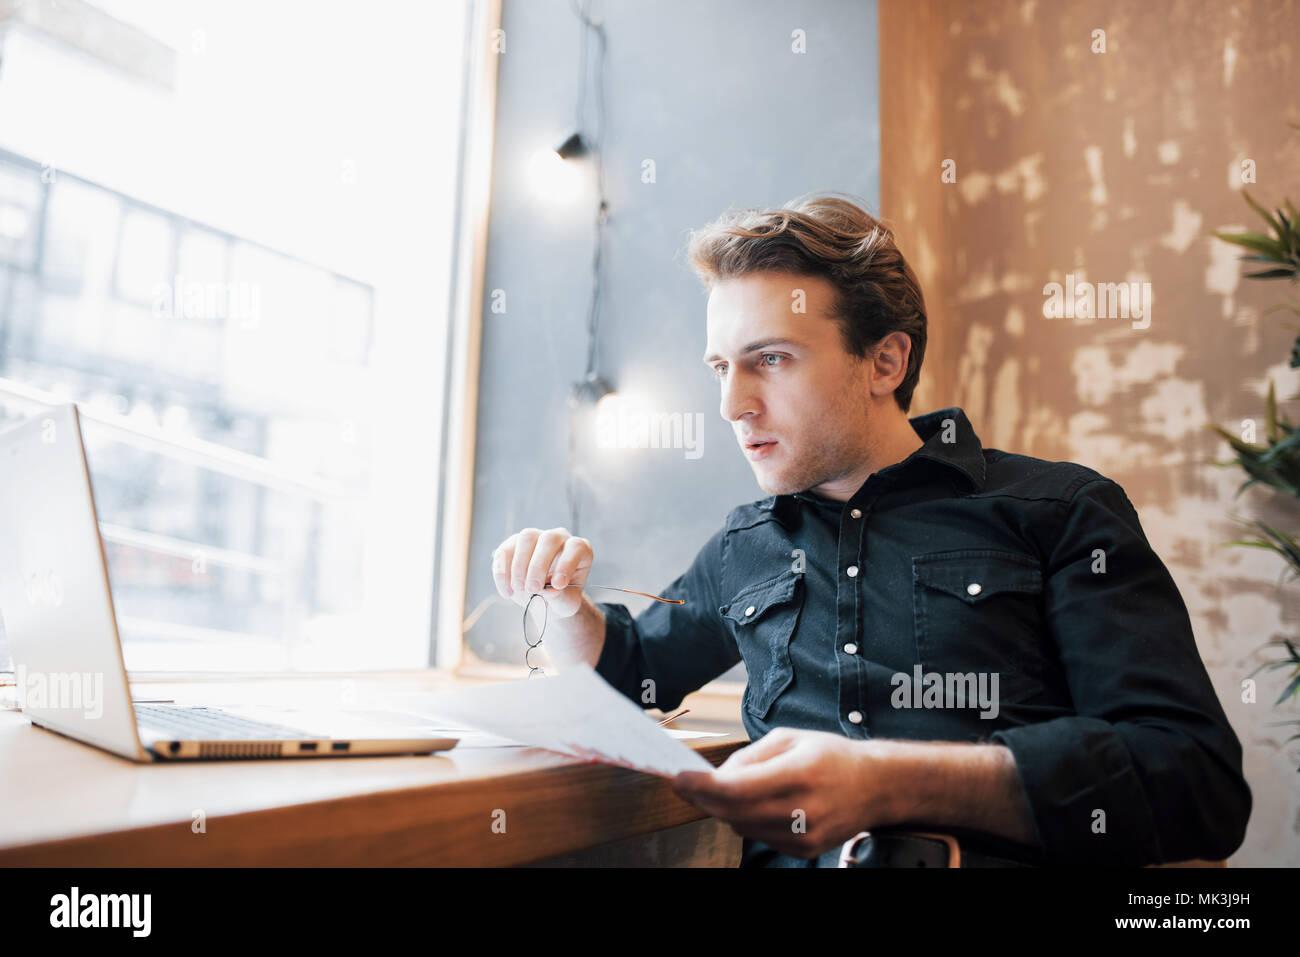 Rilassata giovani professionisti la navigazione in Internet sul suo computer portatile in un cafe Immagini Stock